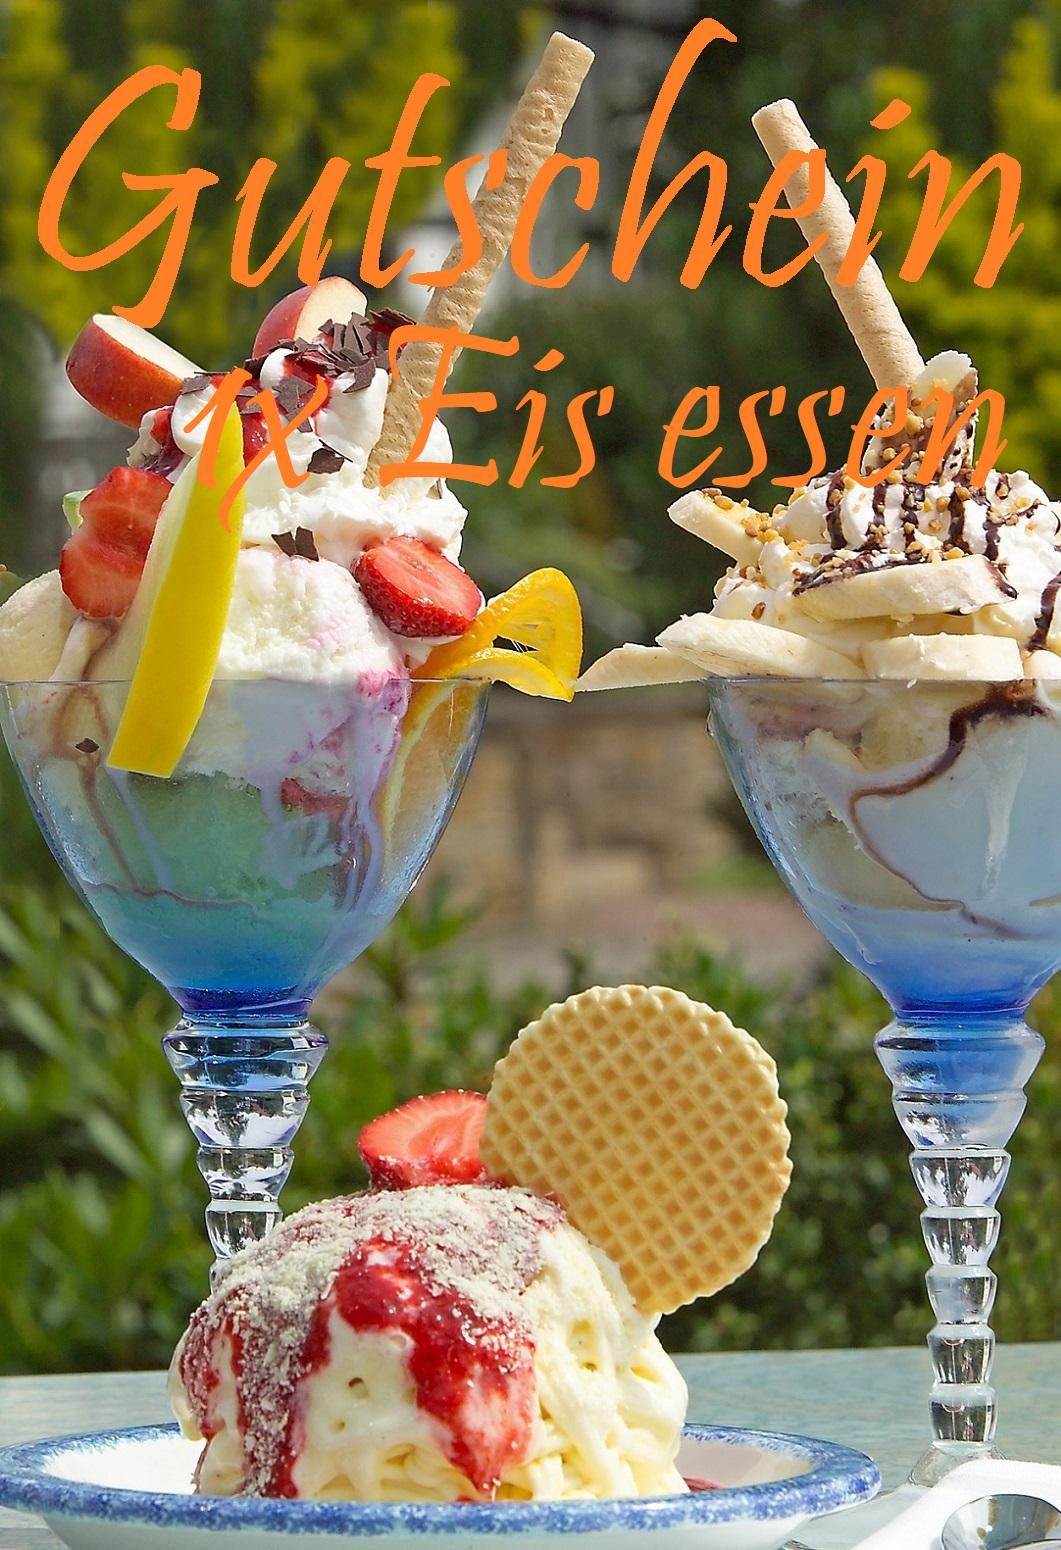 Eis essen: Eissorten & Eisbecher genießen | Gutscheinspruch.de